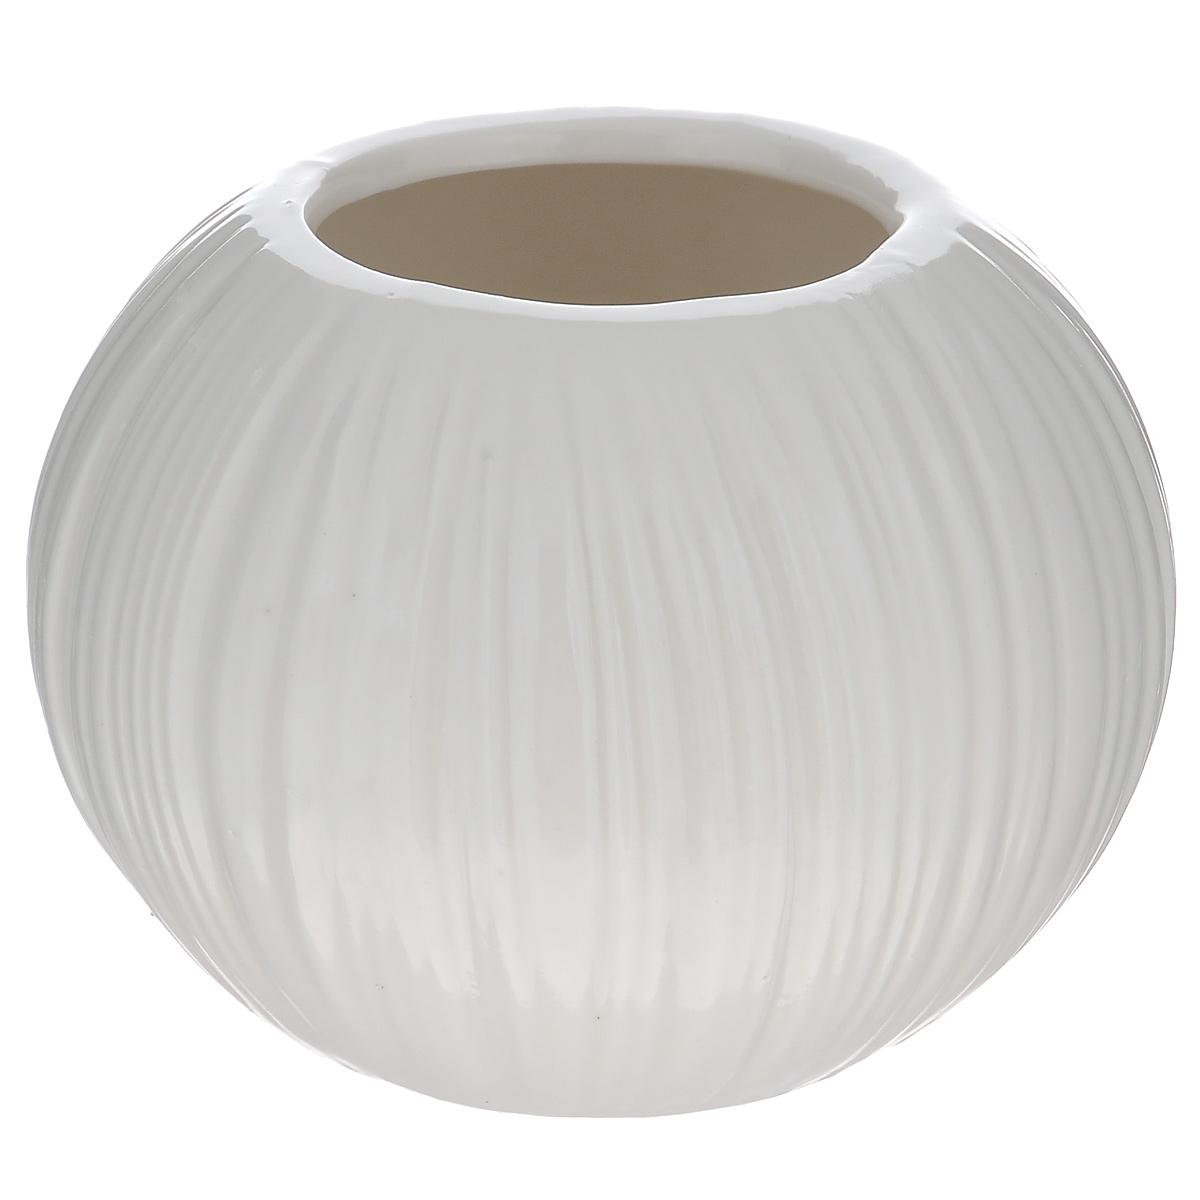 Ваза декоративная Blossom Line, цвет: белый, высота 9 смFS-91909Оригинальная ваза Blossom Line изготовлена из керамики. Рельефная волнообразная поверхностью вазы делает ее изящным украшением интерьера. При желании изделие можно оформить по собственному вкусу, например раскрасив его красками. Ваза Blossom Line дополнит интерьер офиса или дома и станет желанным и стильным подарком.Диаметр вазы: 6,5 см.Высота вазы: 9 см.